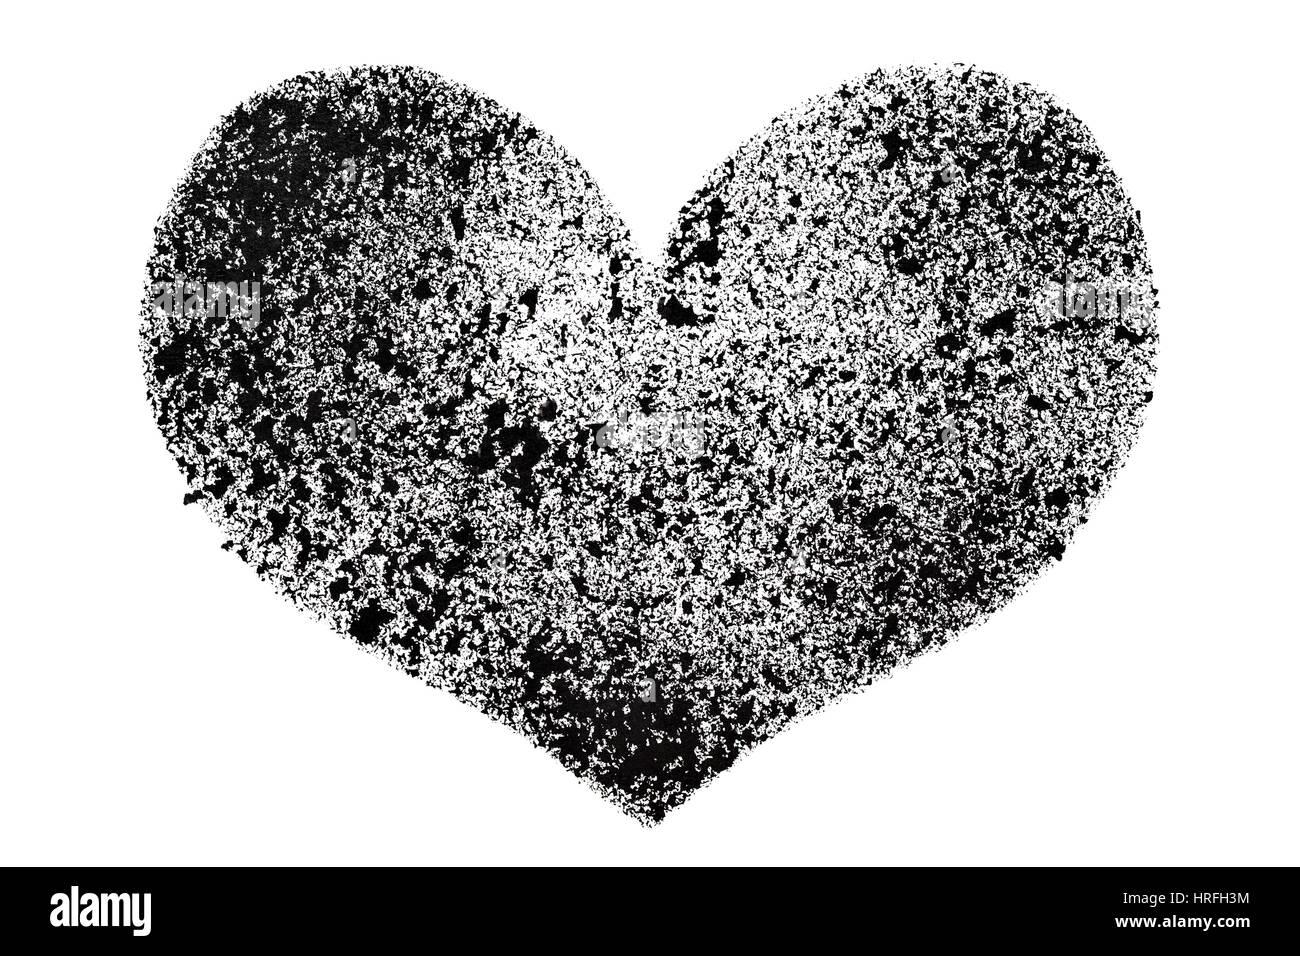 Schwarze Schablone Herz isoliert auf weißem Hintergrund - Raster ...